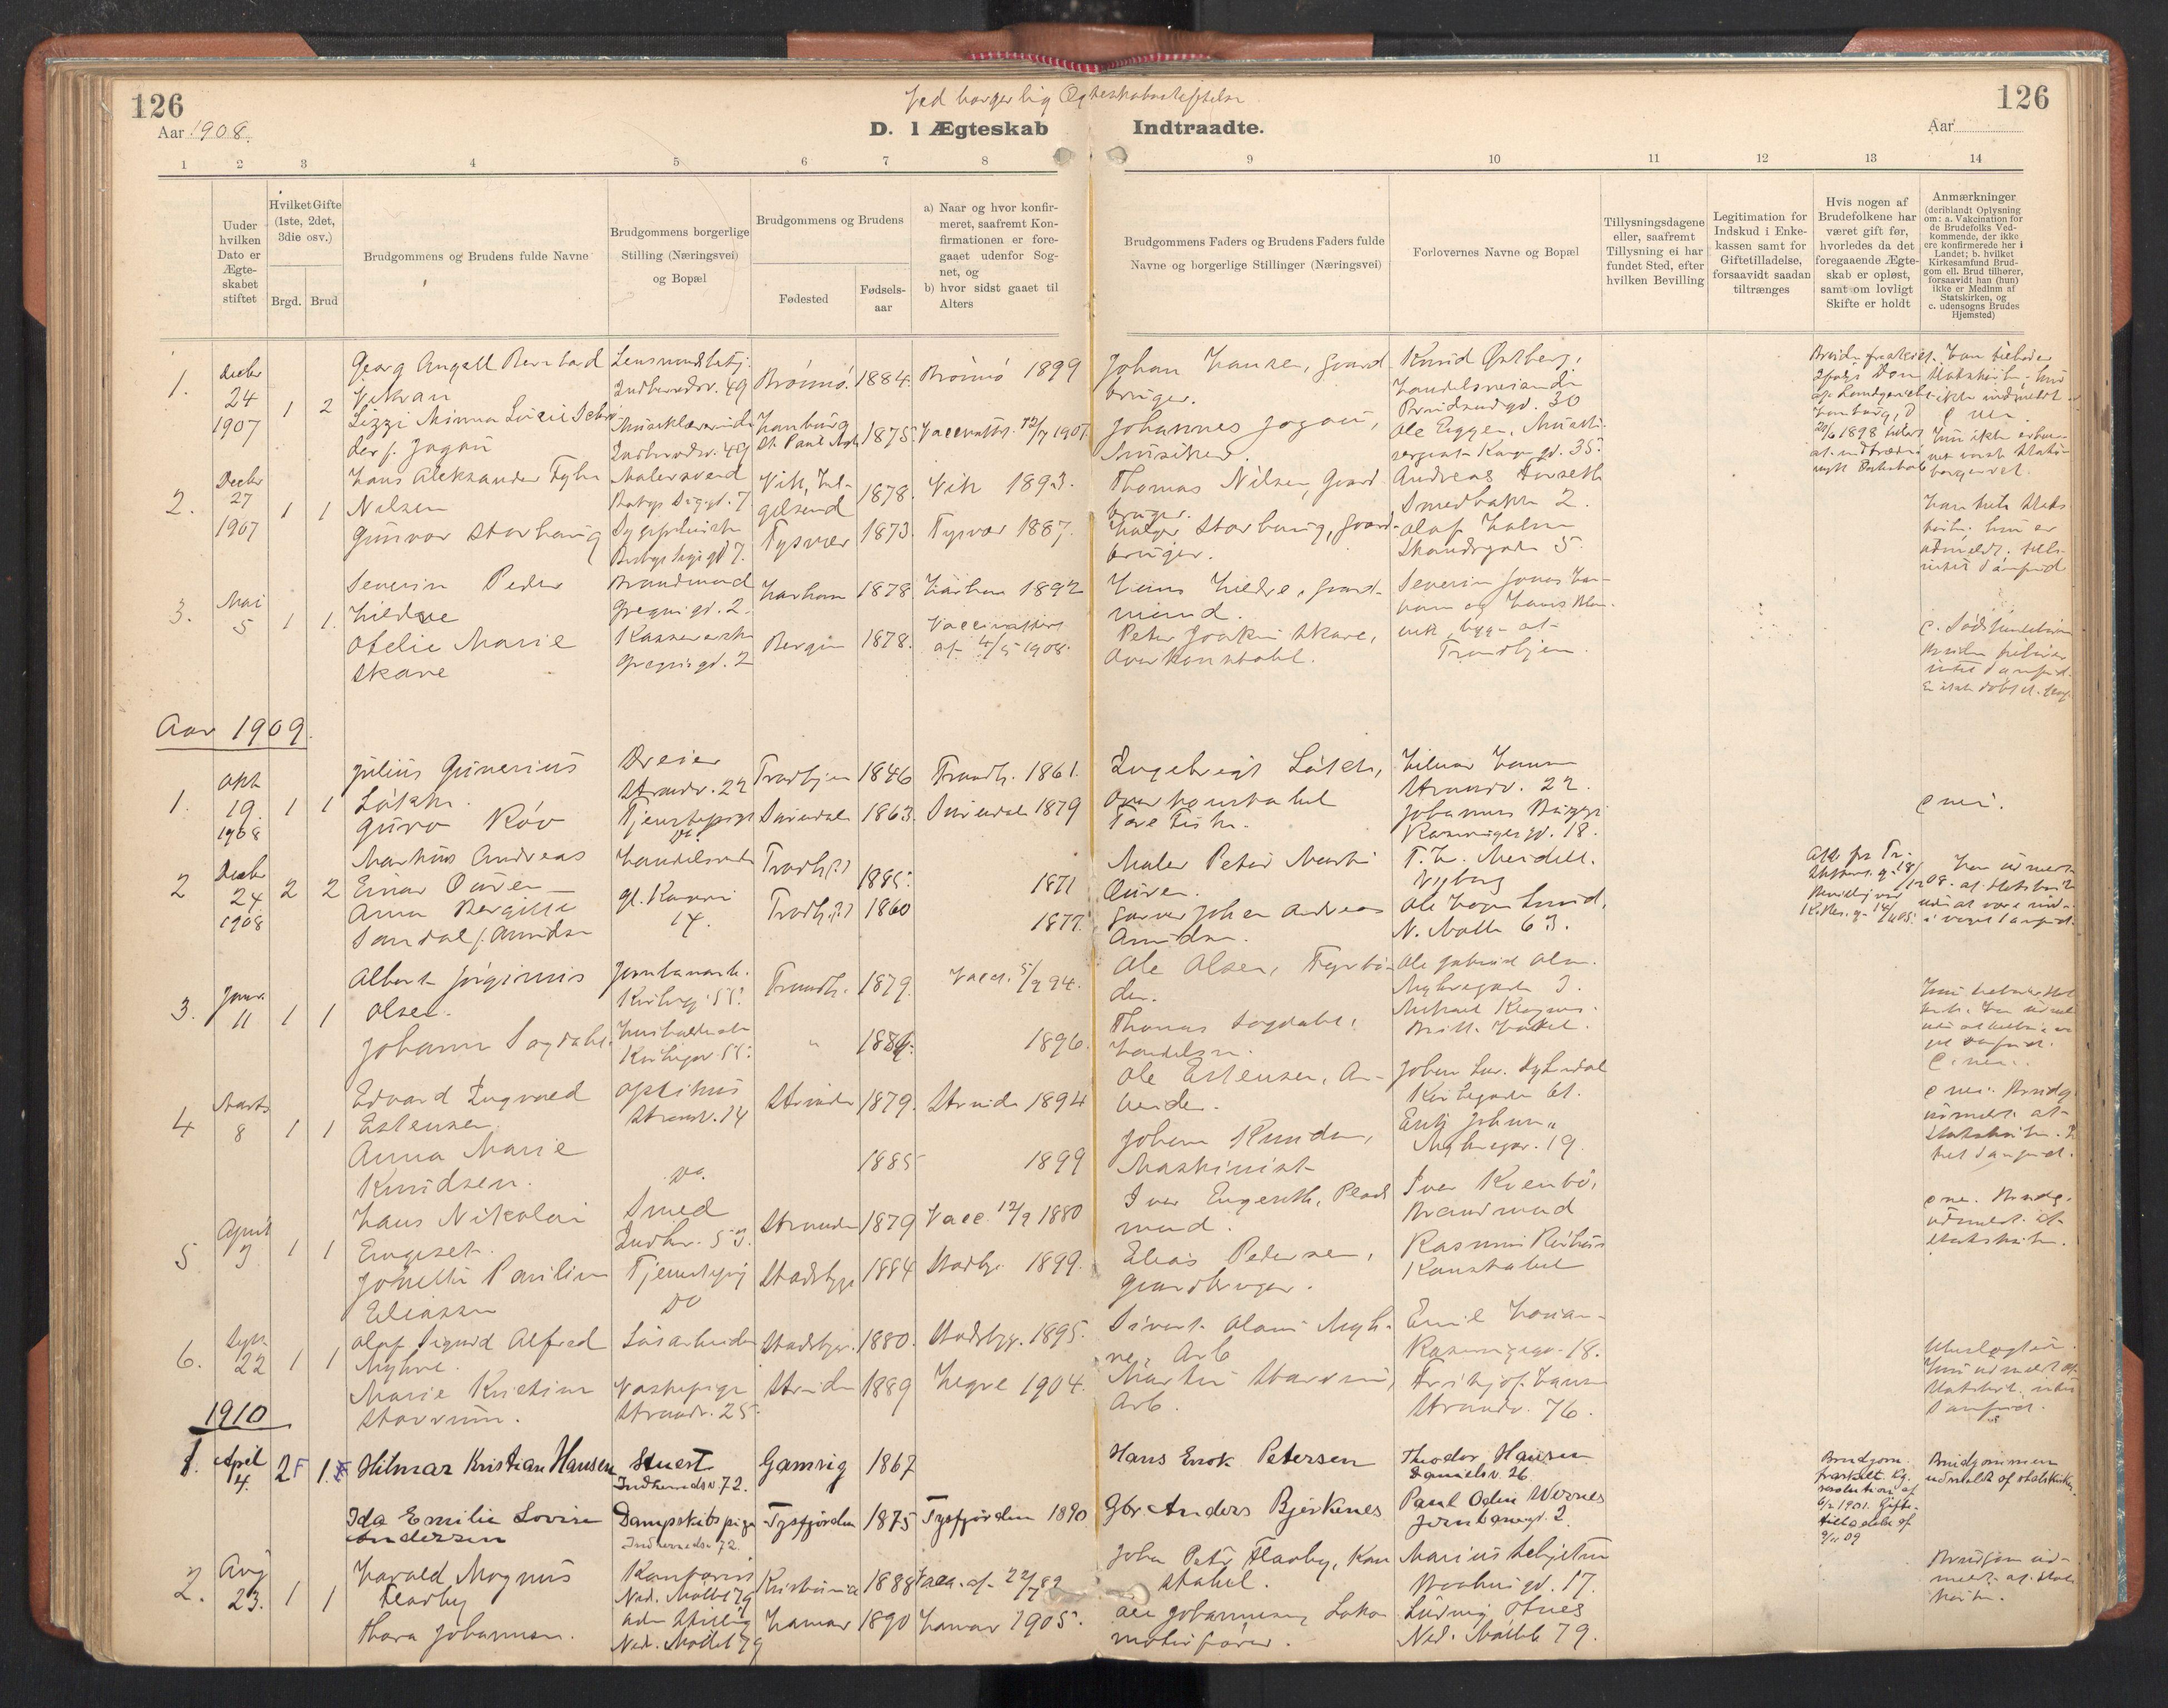 SAT, Ministerialprotokoller, klokkerbøker og fødselsregistre - Sør-Trøndelag, 605/L0244: Ministerialbok nr. 605A06, 1908-1954, s. 126